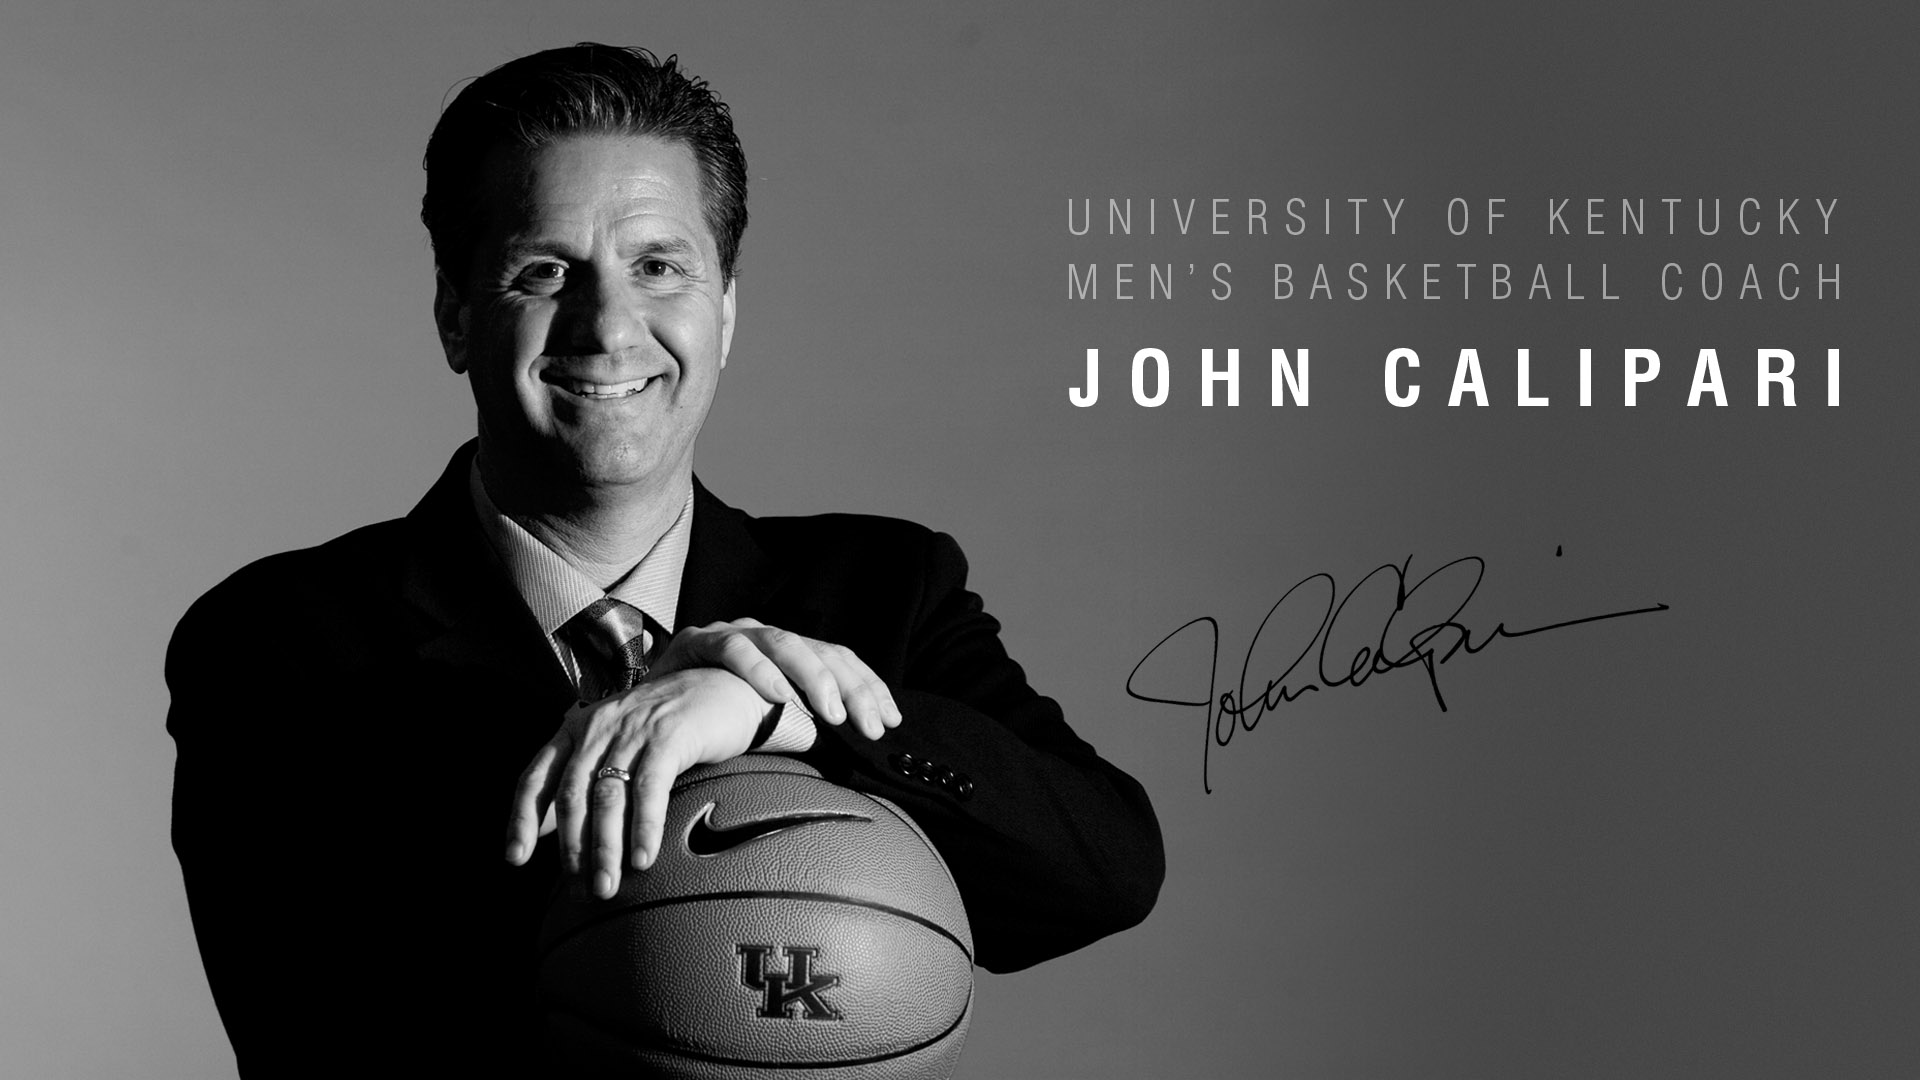 Kentucky Wildcats Wall Quotes Quotesgram: Recent John Calipari Quotes. QuotesGram